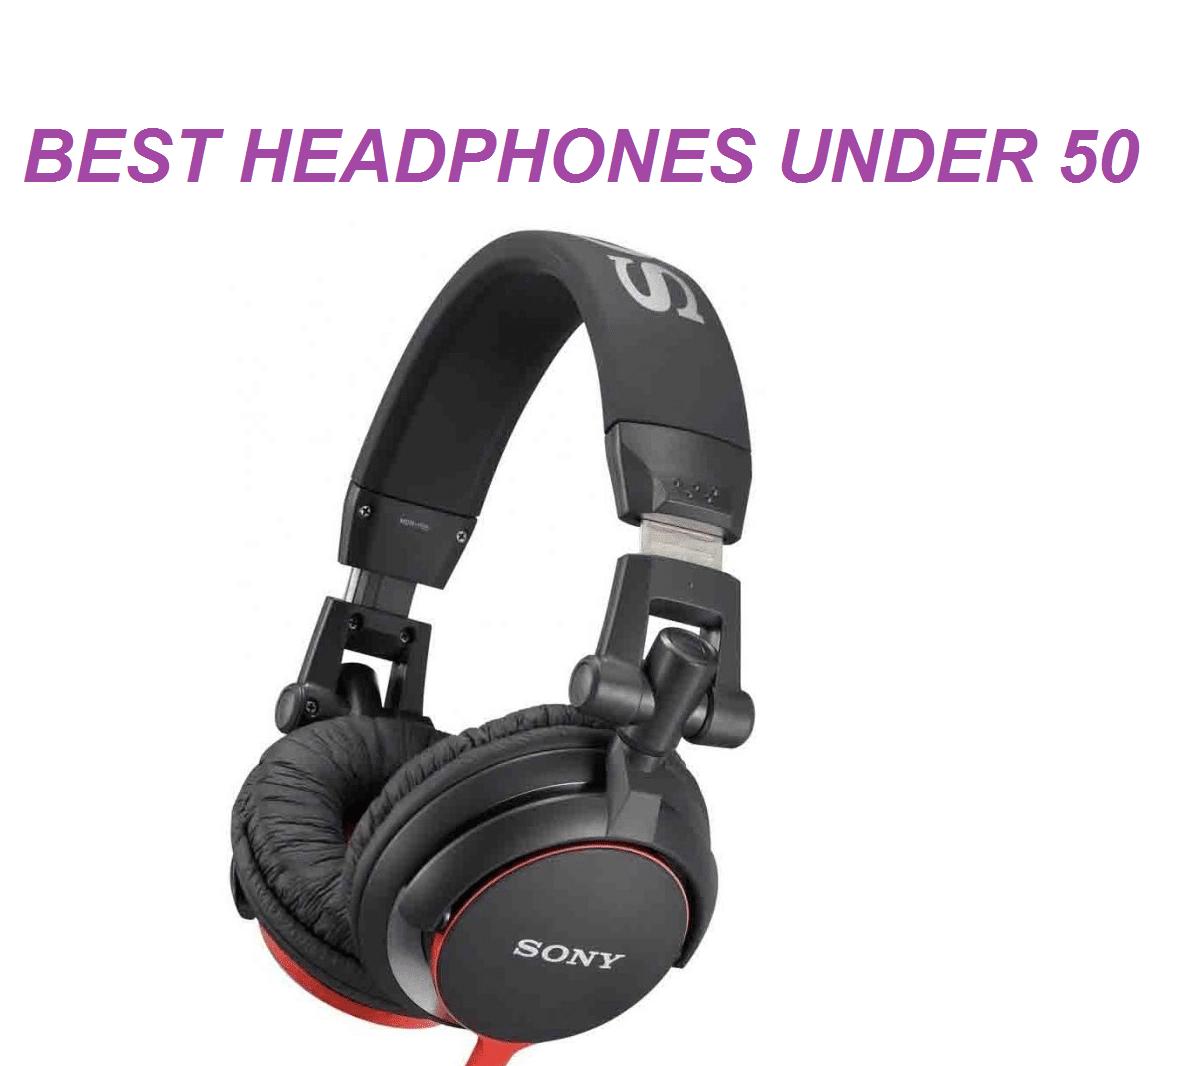 Wireless earbuds under 20 dollars - headphones wireless under 50